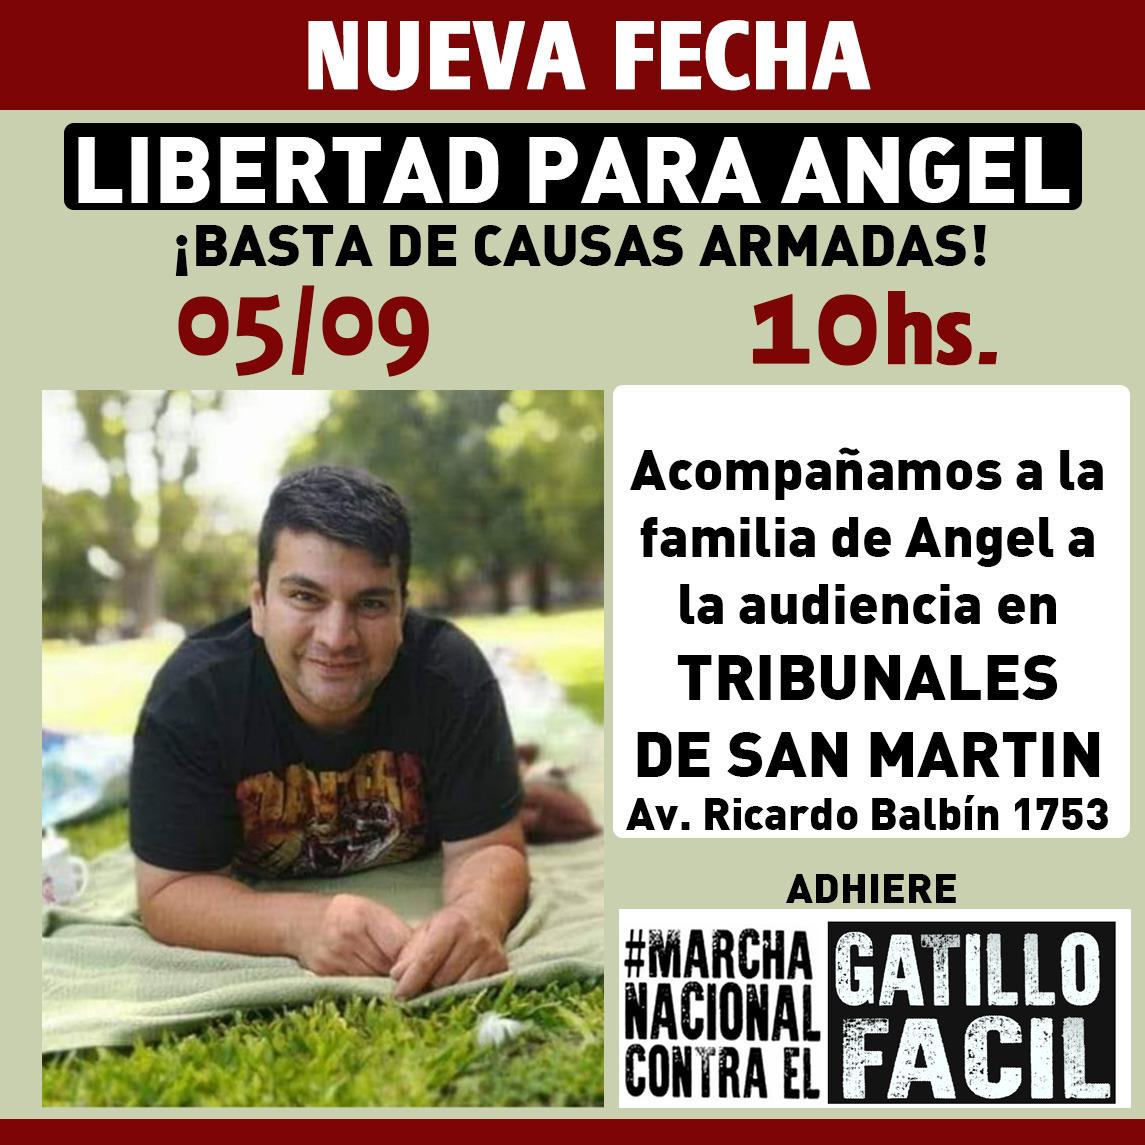 5/9 - Todos a Tribunales de San Martín por la libertad de Ángel Bramajo